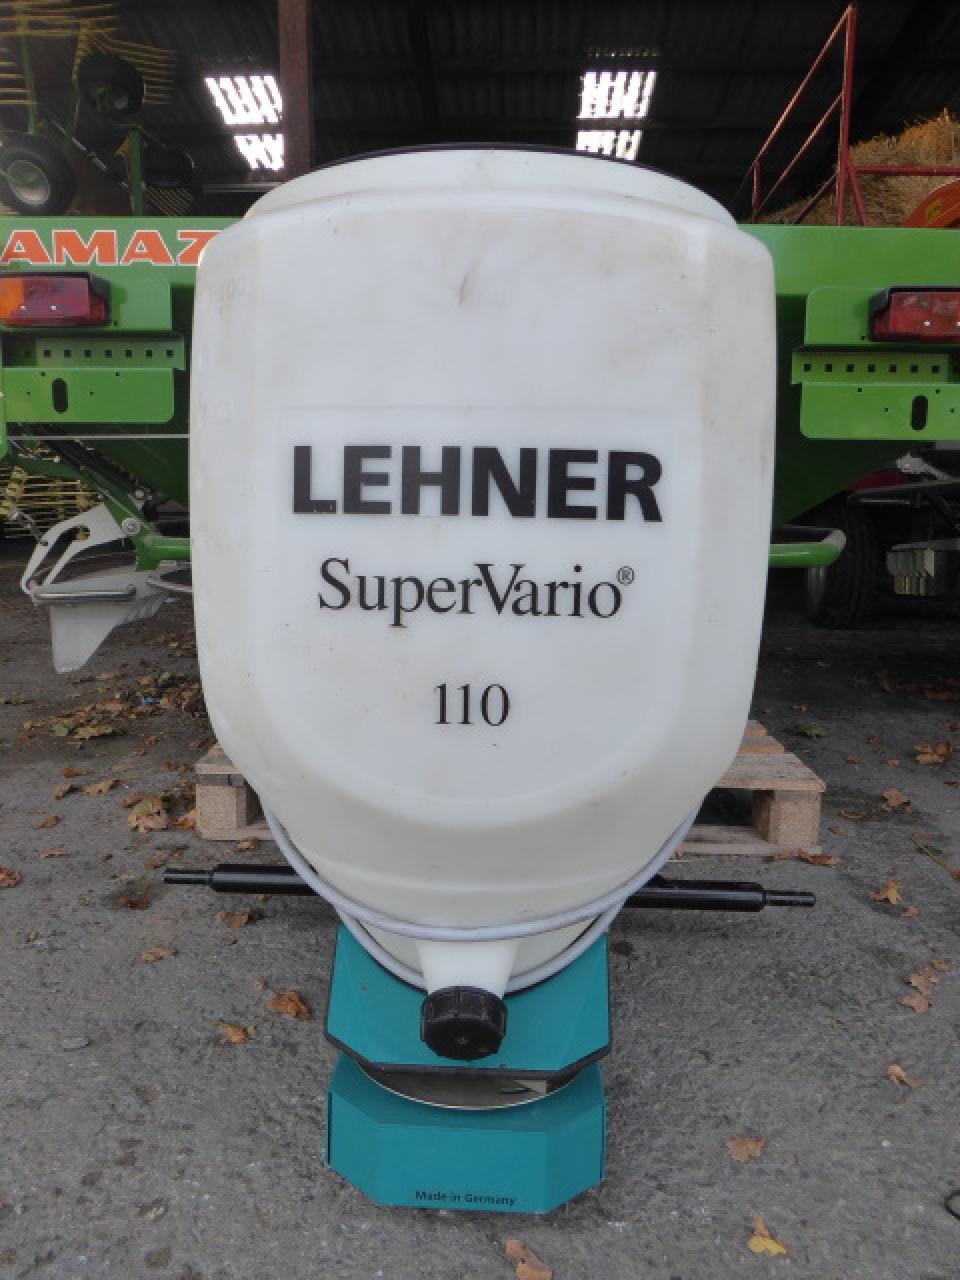 Lehner SuperVario 110